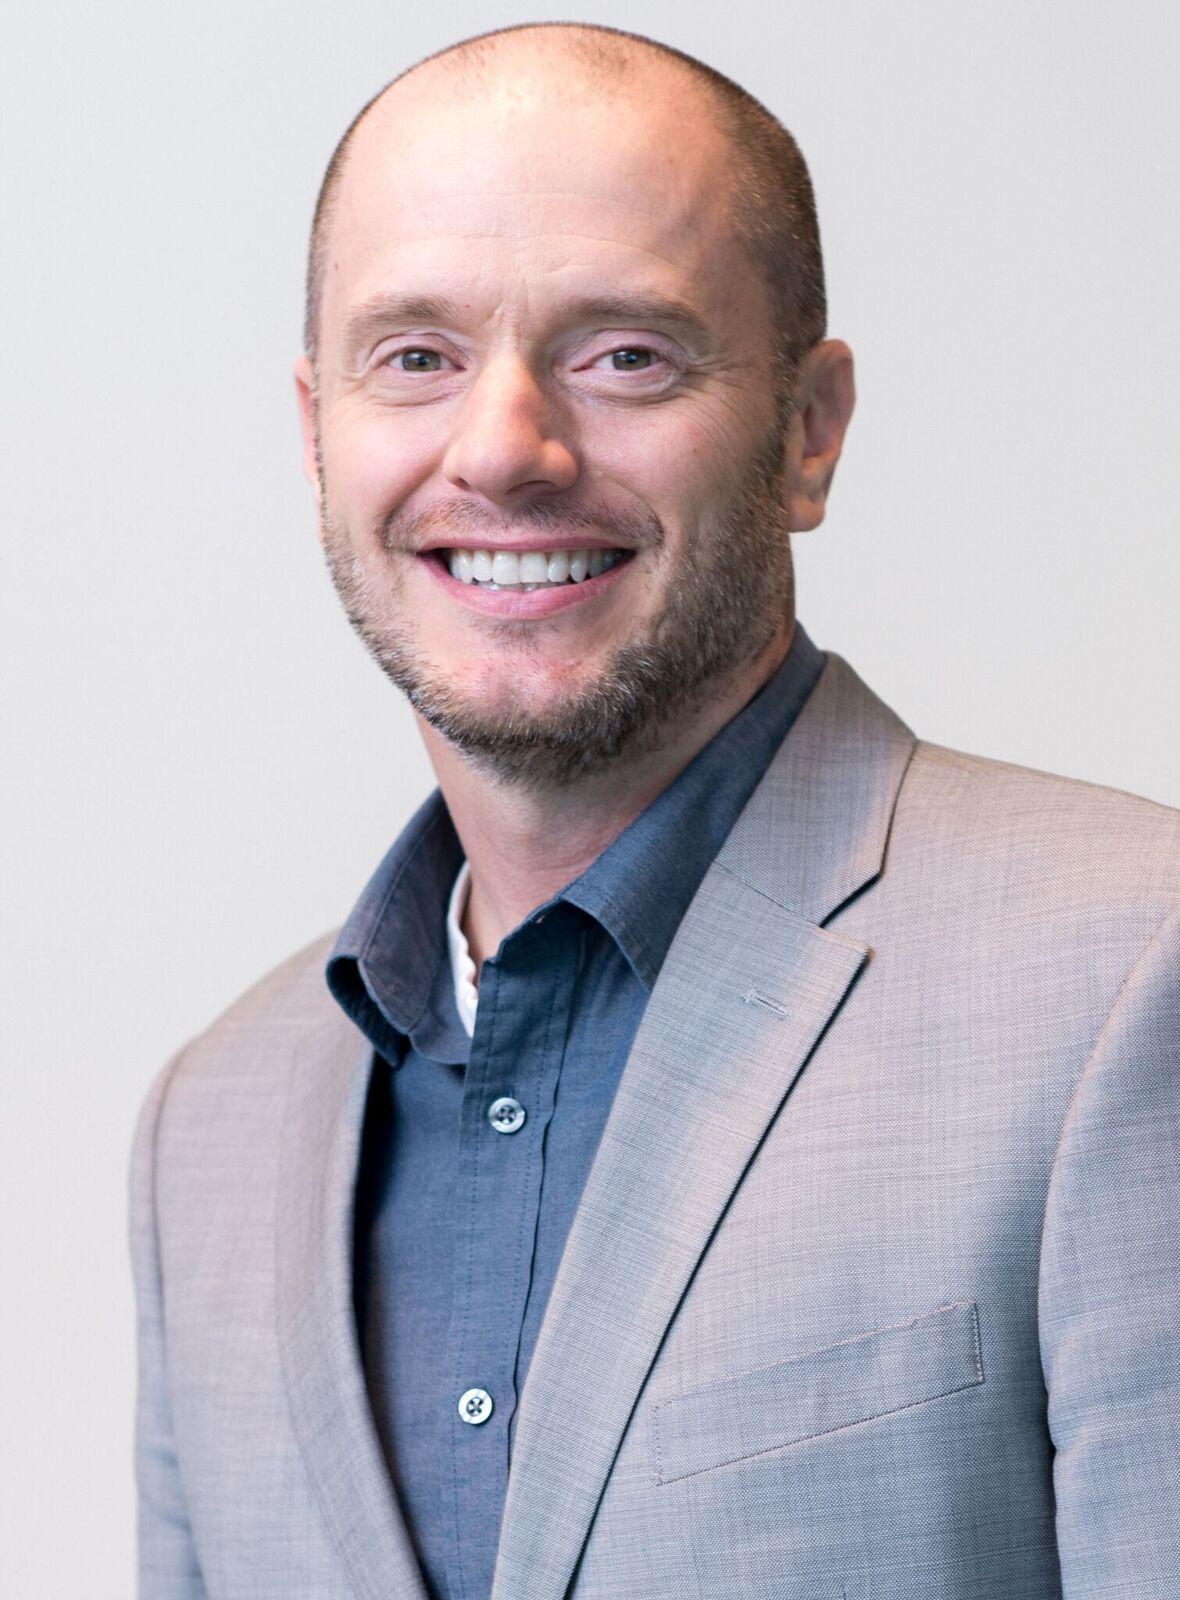 Paul Webb Senior Vice President of Finance